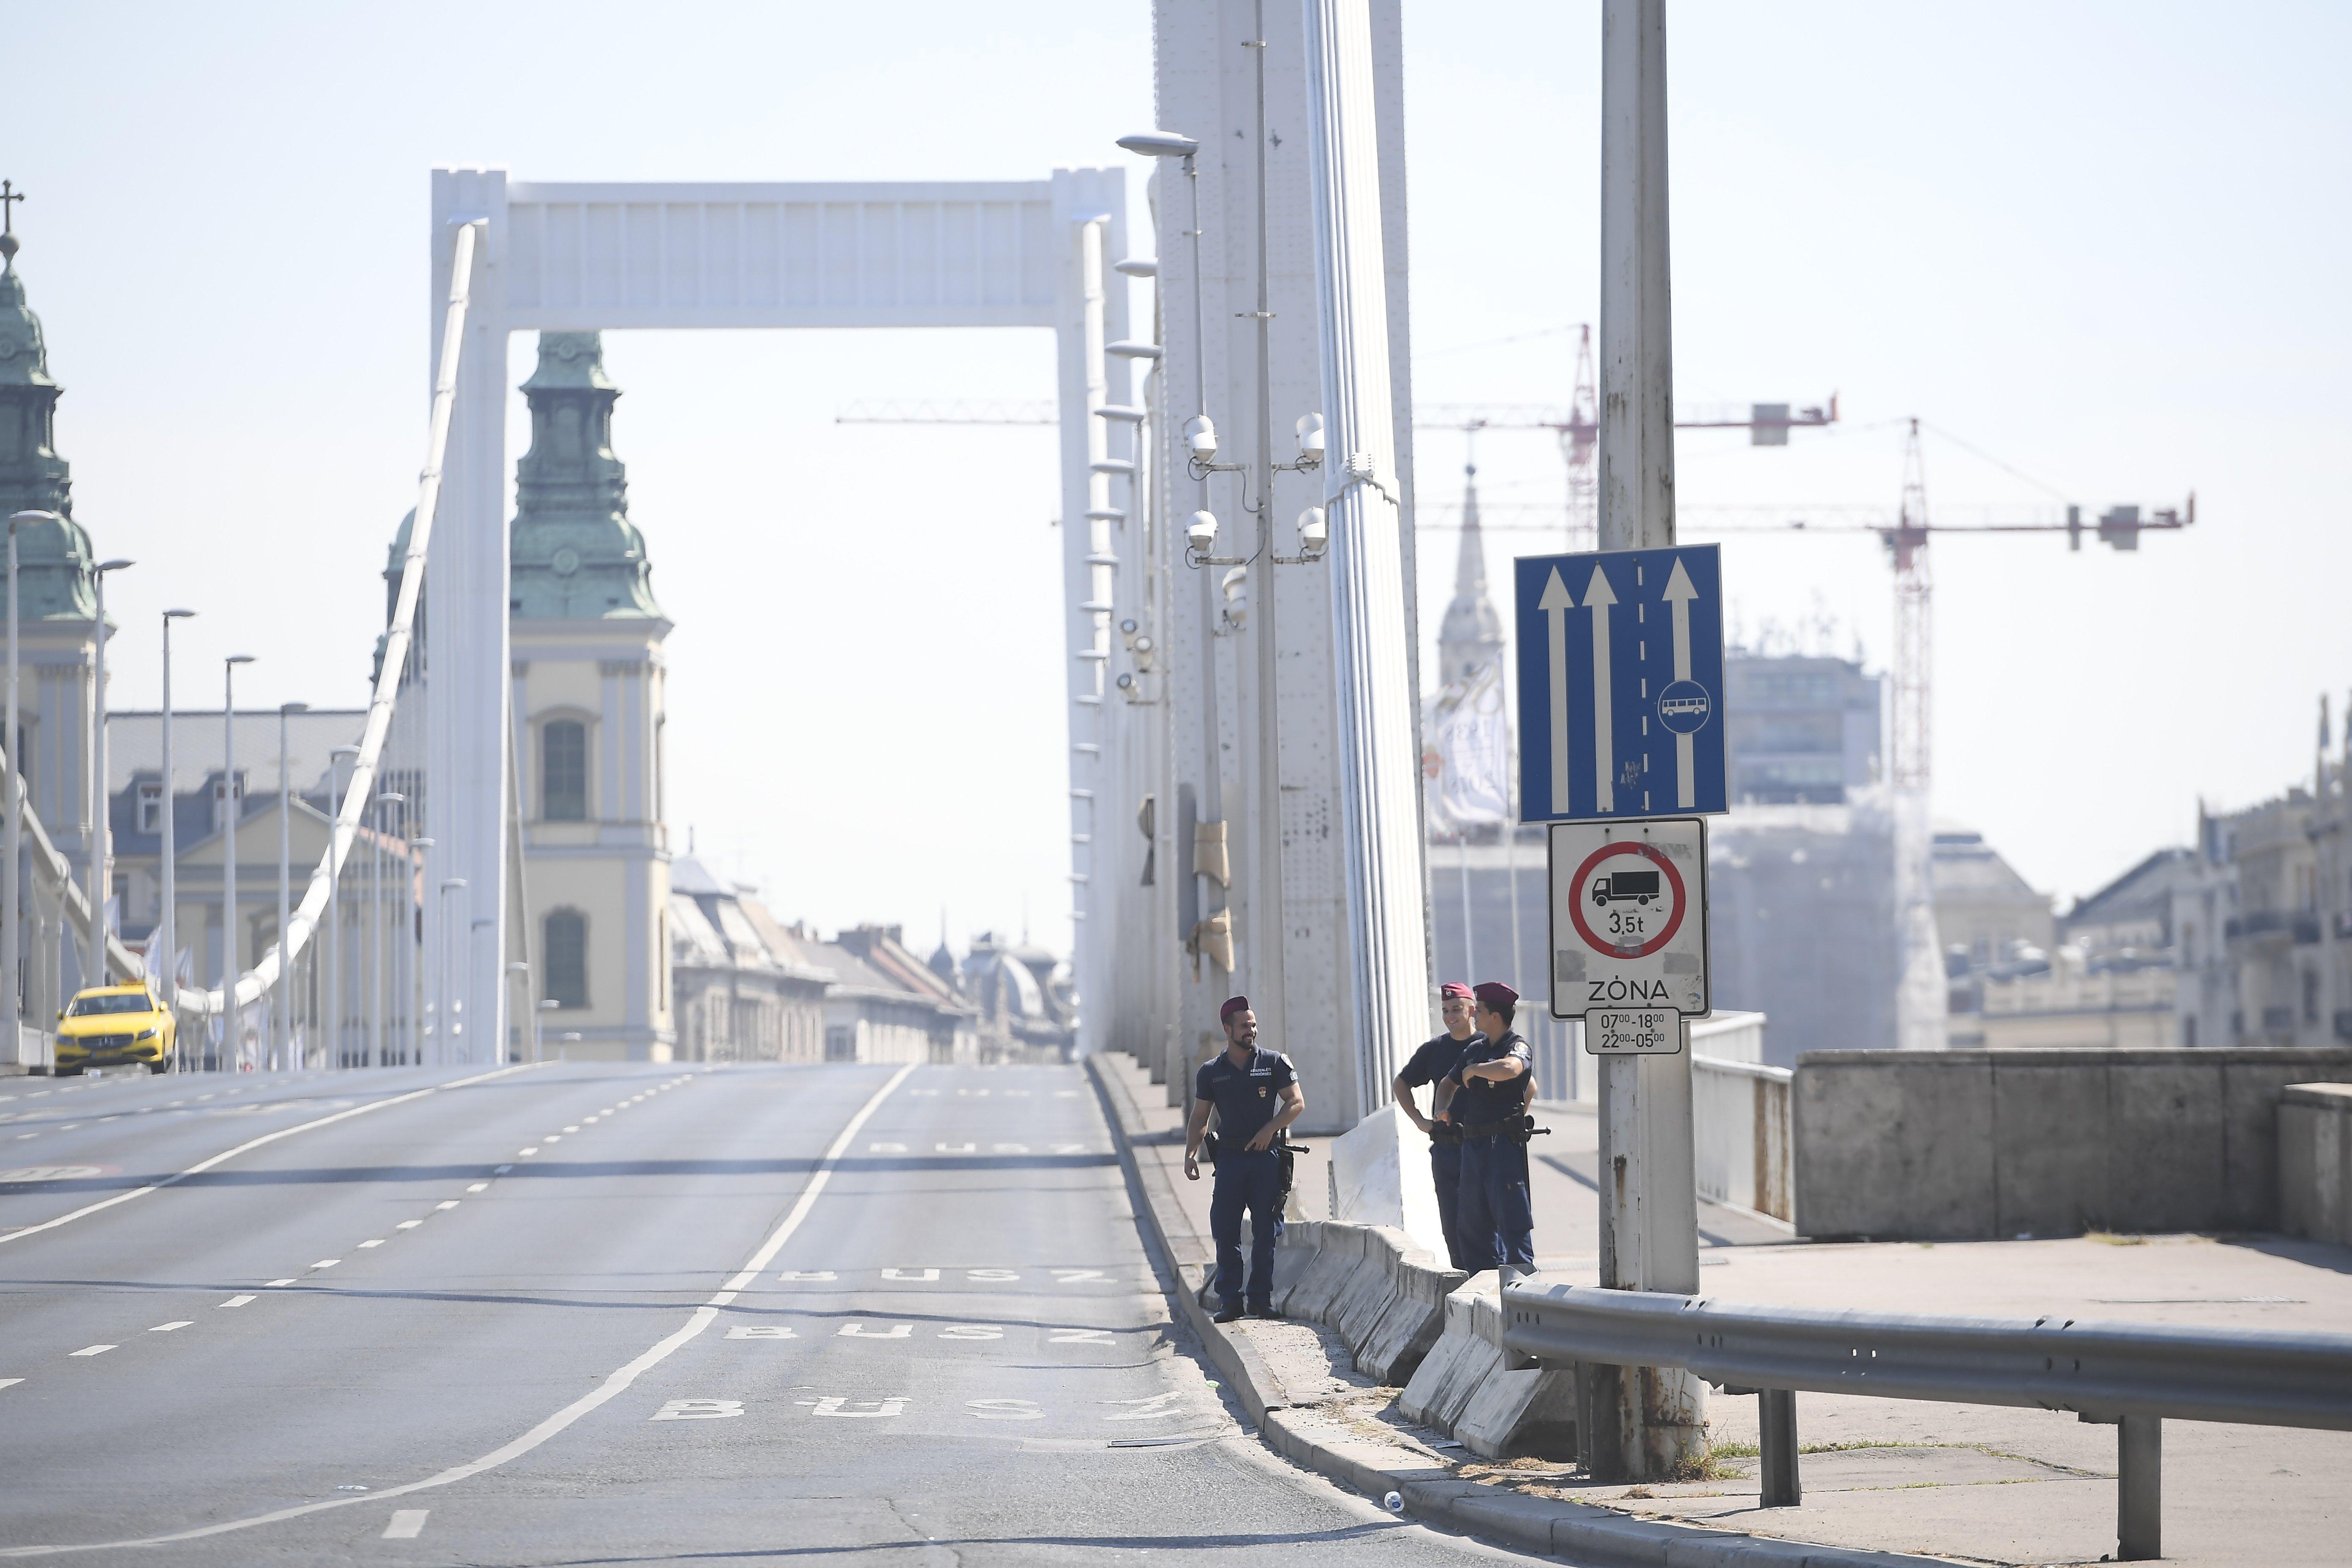 Lezárták az Erzsébet hidat, mert egy férfi felmászott a tetejére